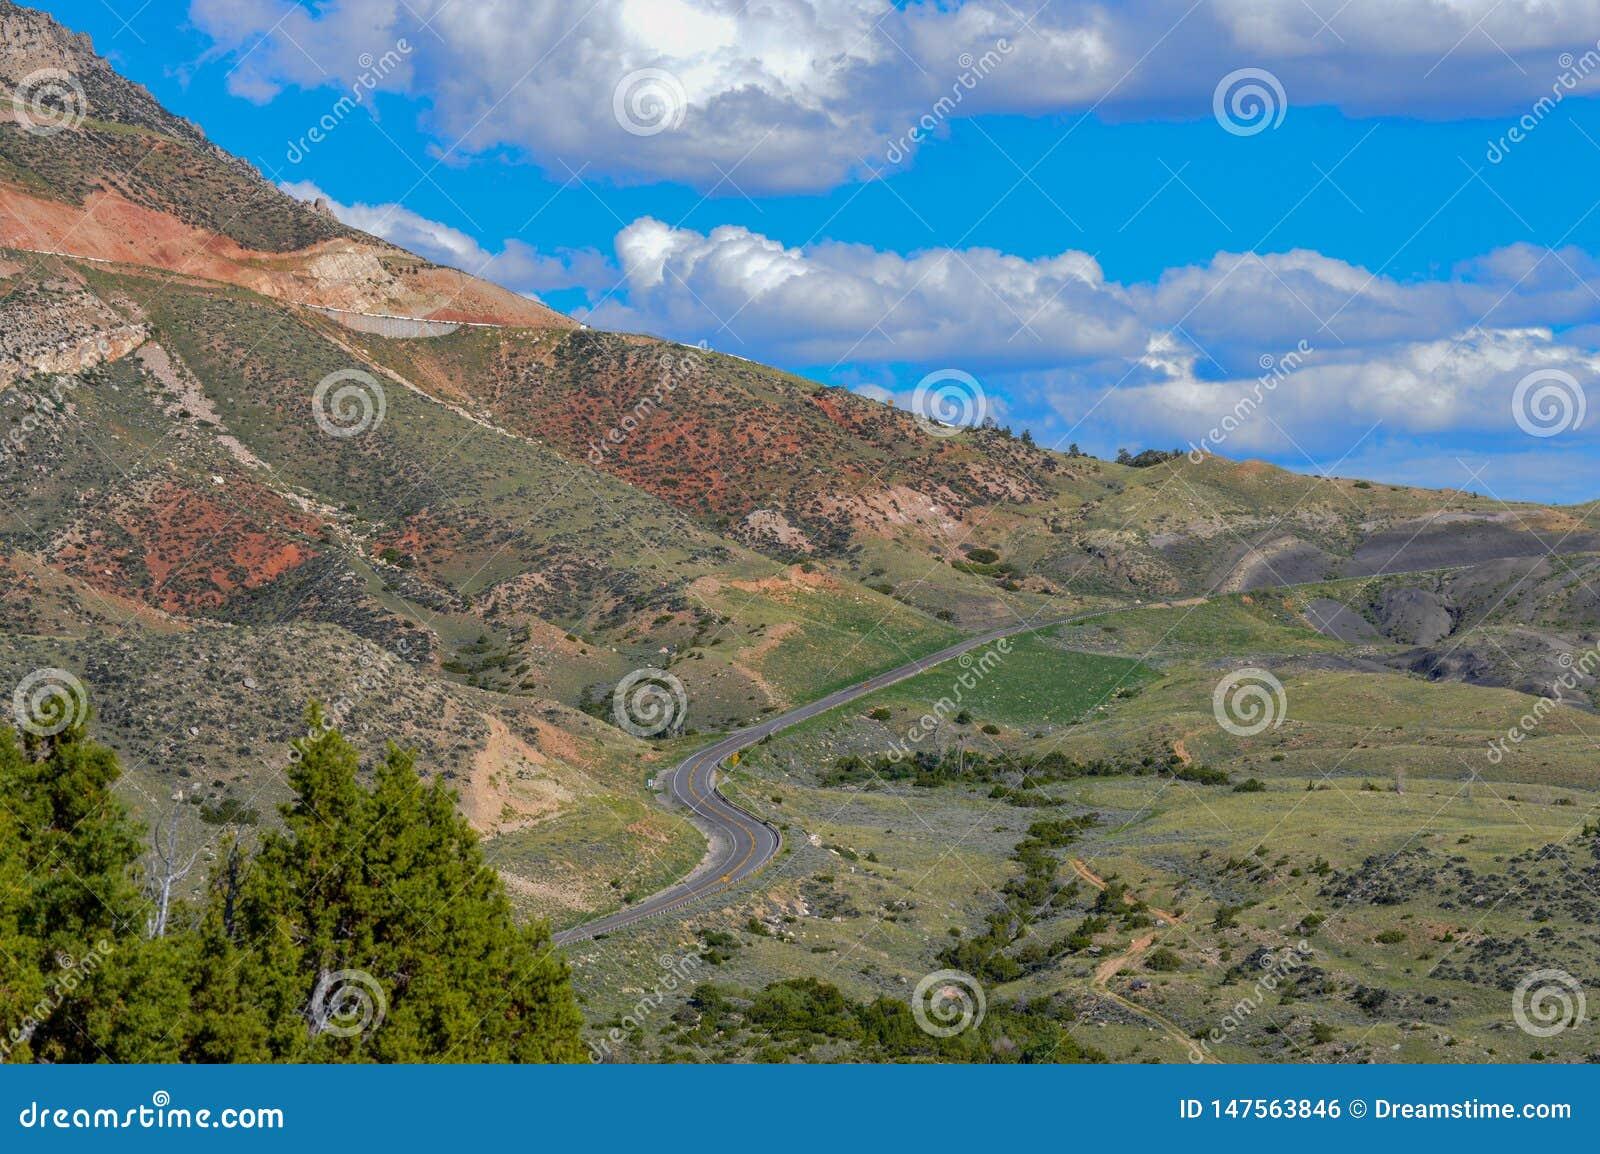 Los vientos del camino a lo largo de la base de la cordillera enorme en Wyoming septentrional